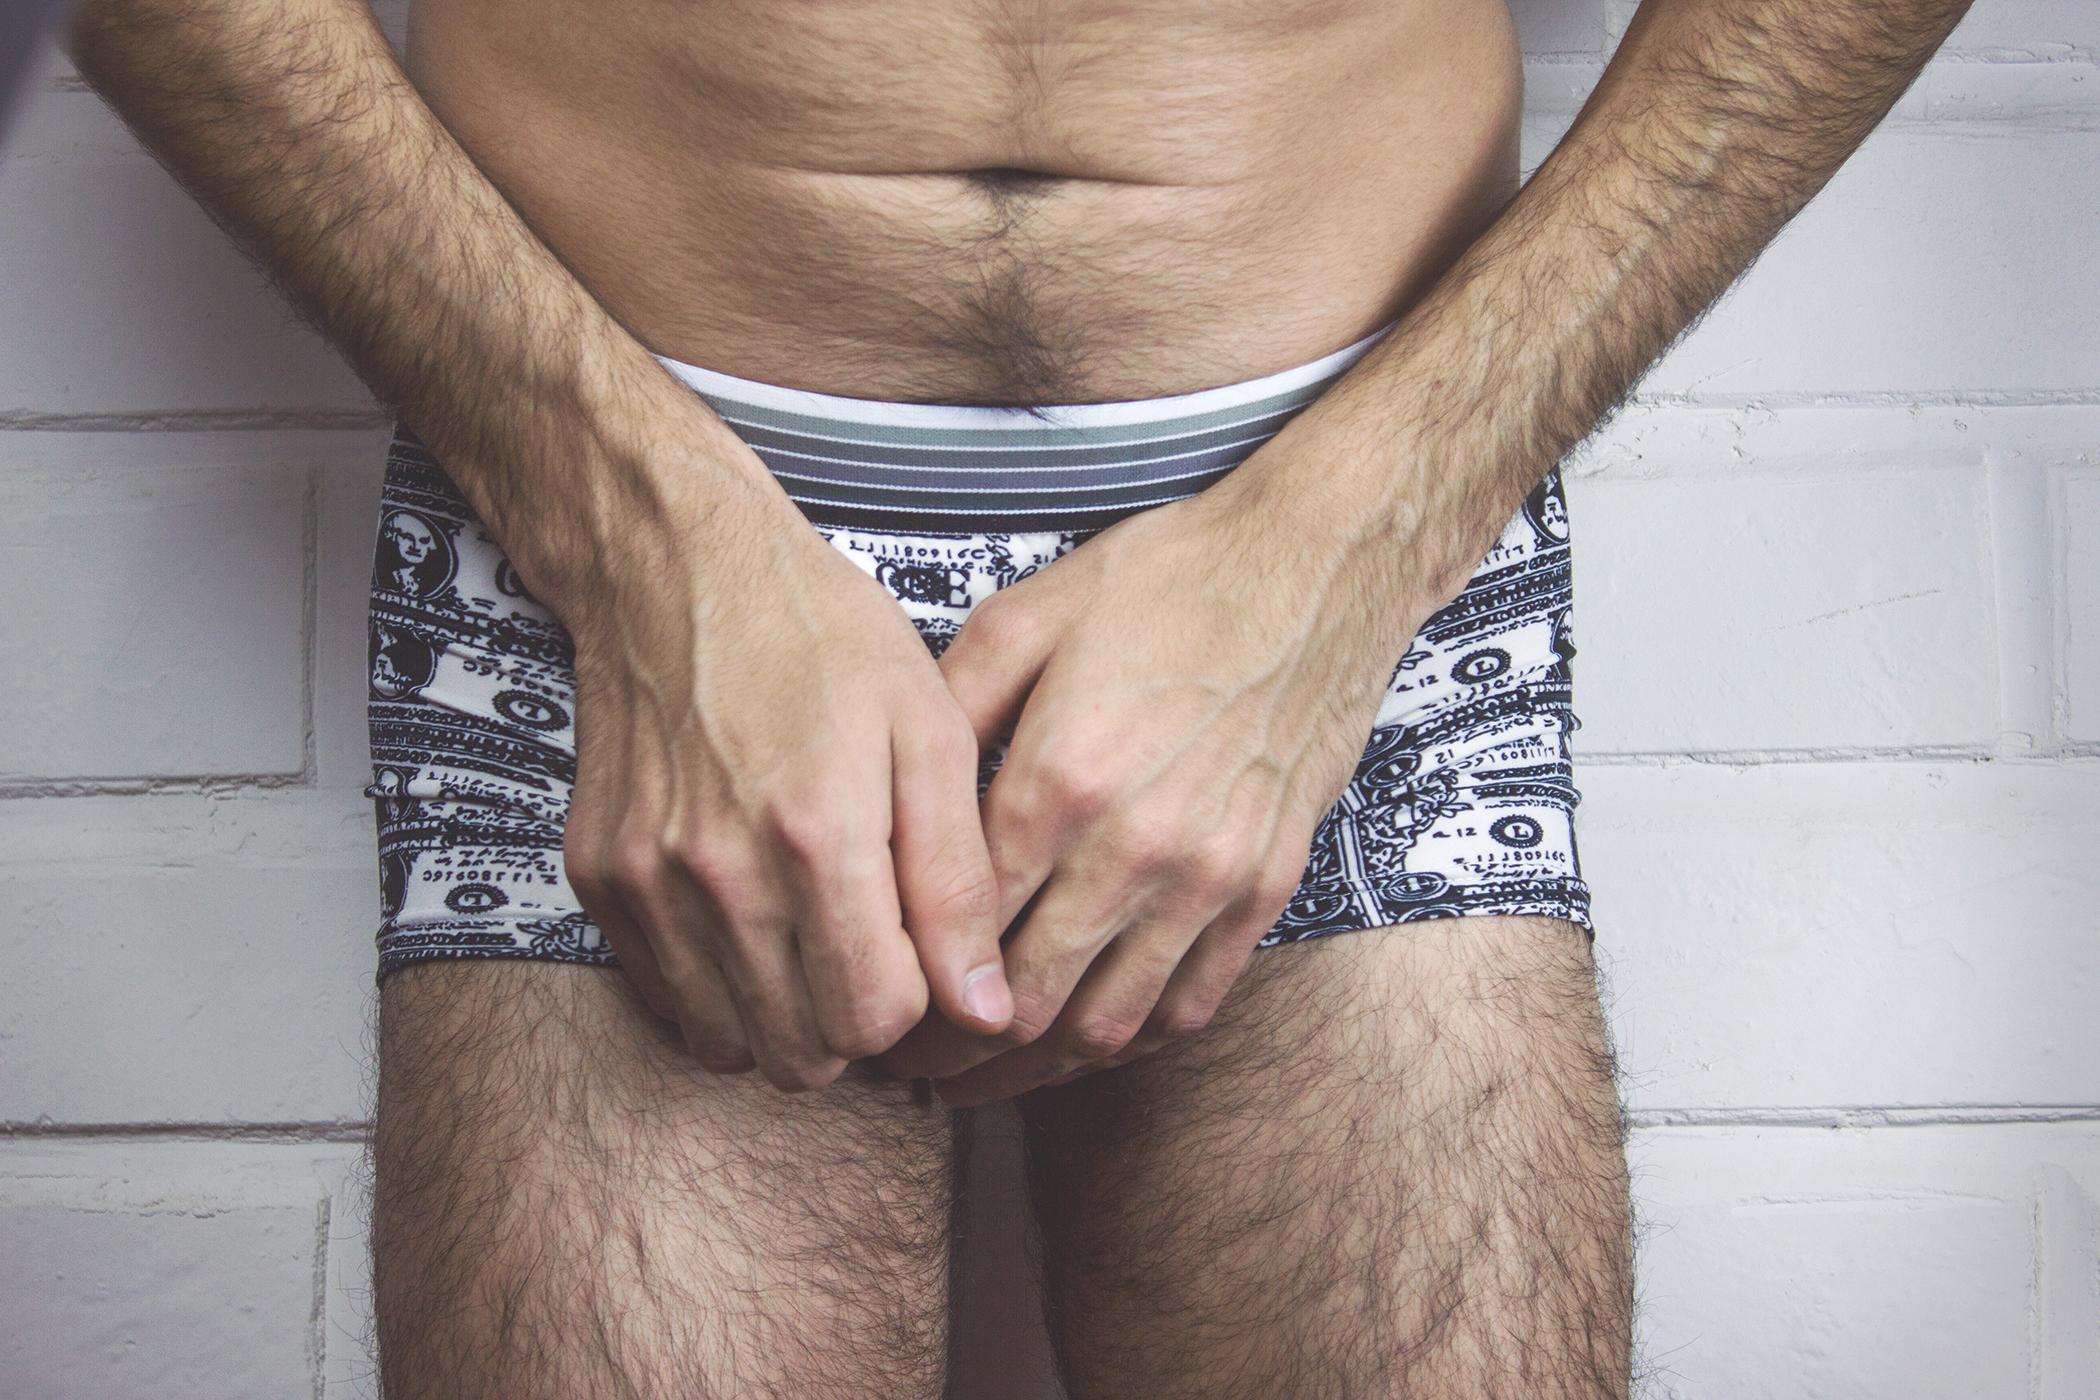 érdeklődése a pénisz iránt a legnagyobb pénisz a meleg férfiaknál